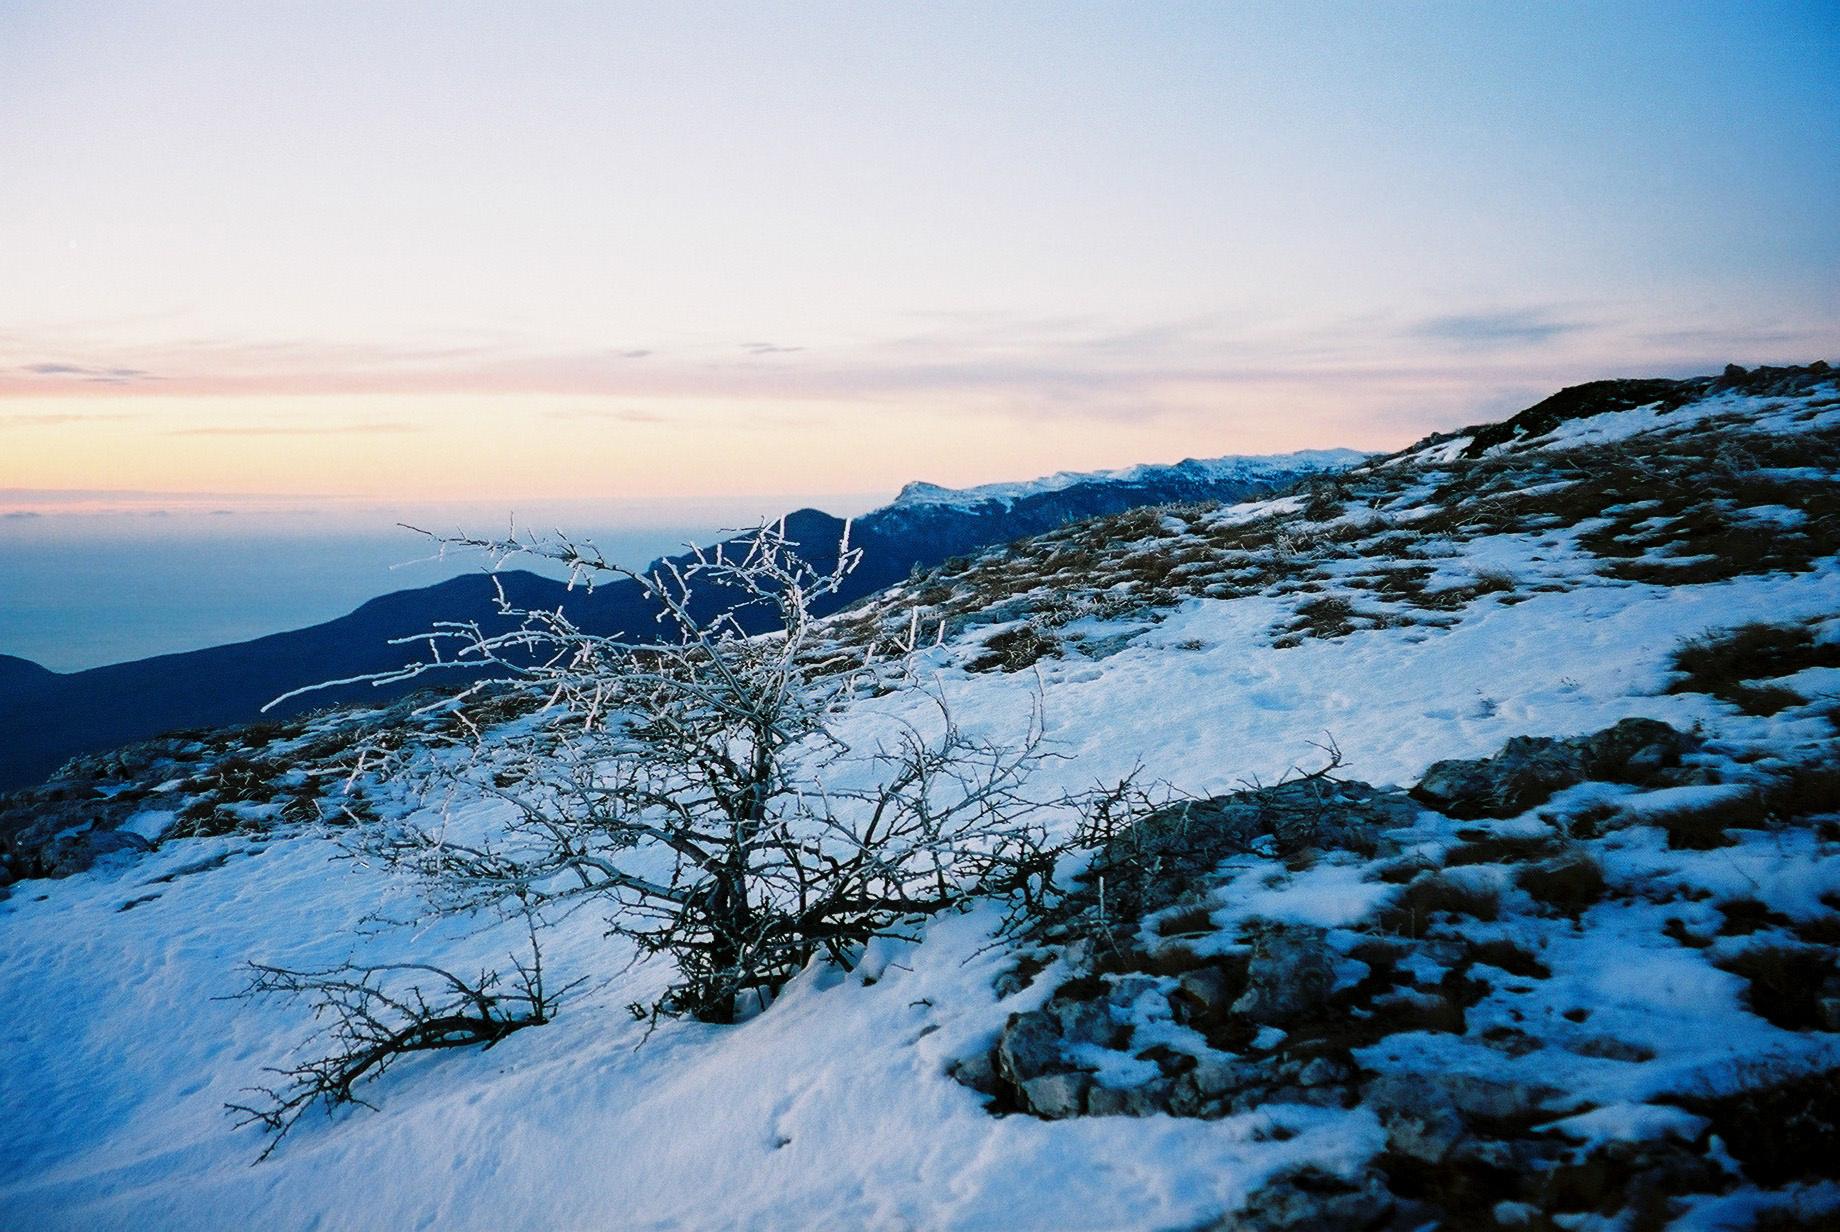 Winterlandschaft bei Sonnenuntergang